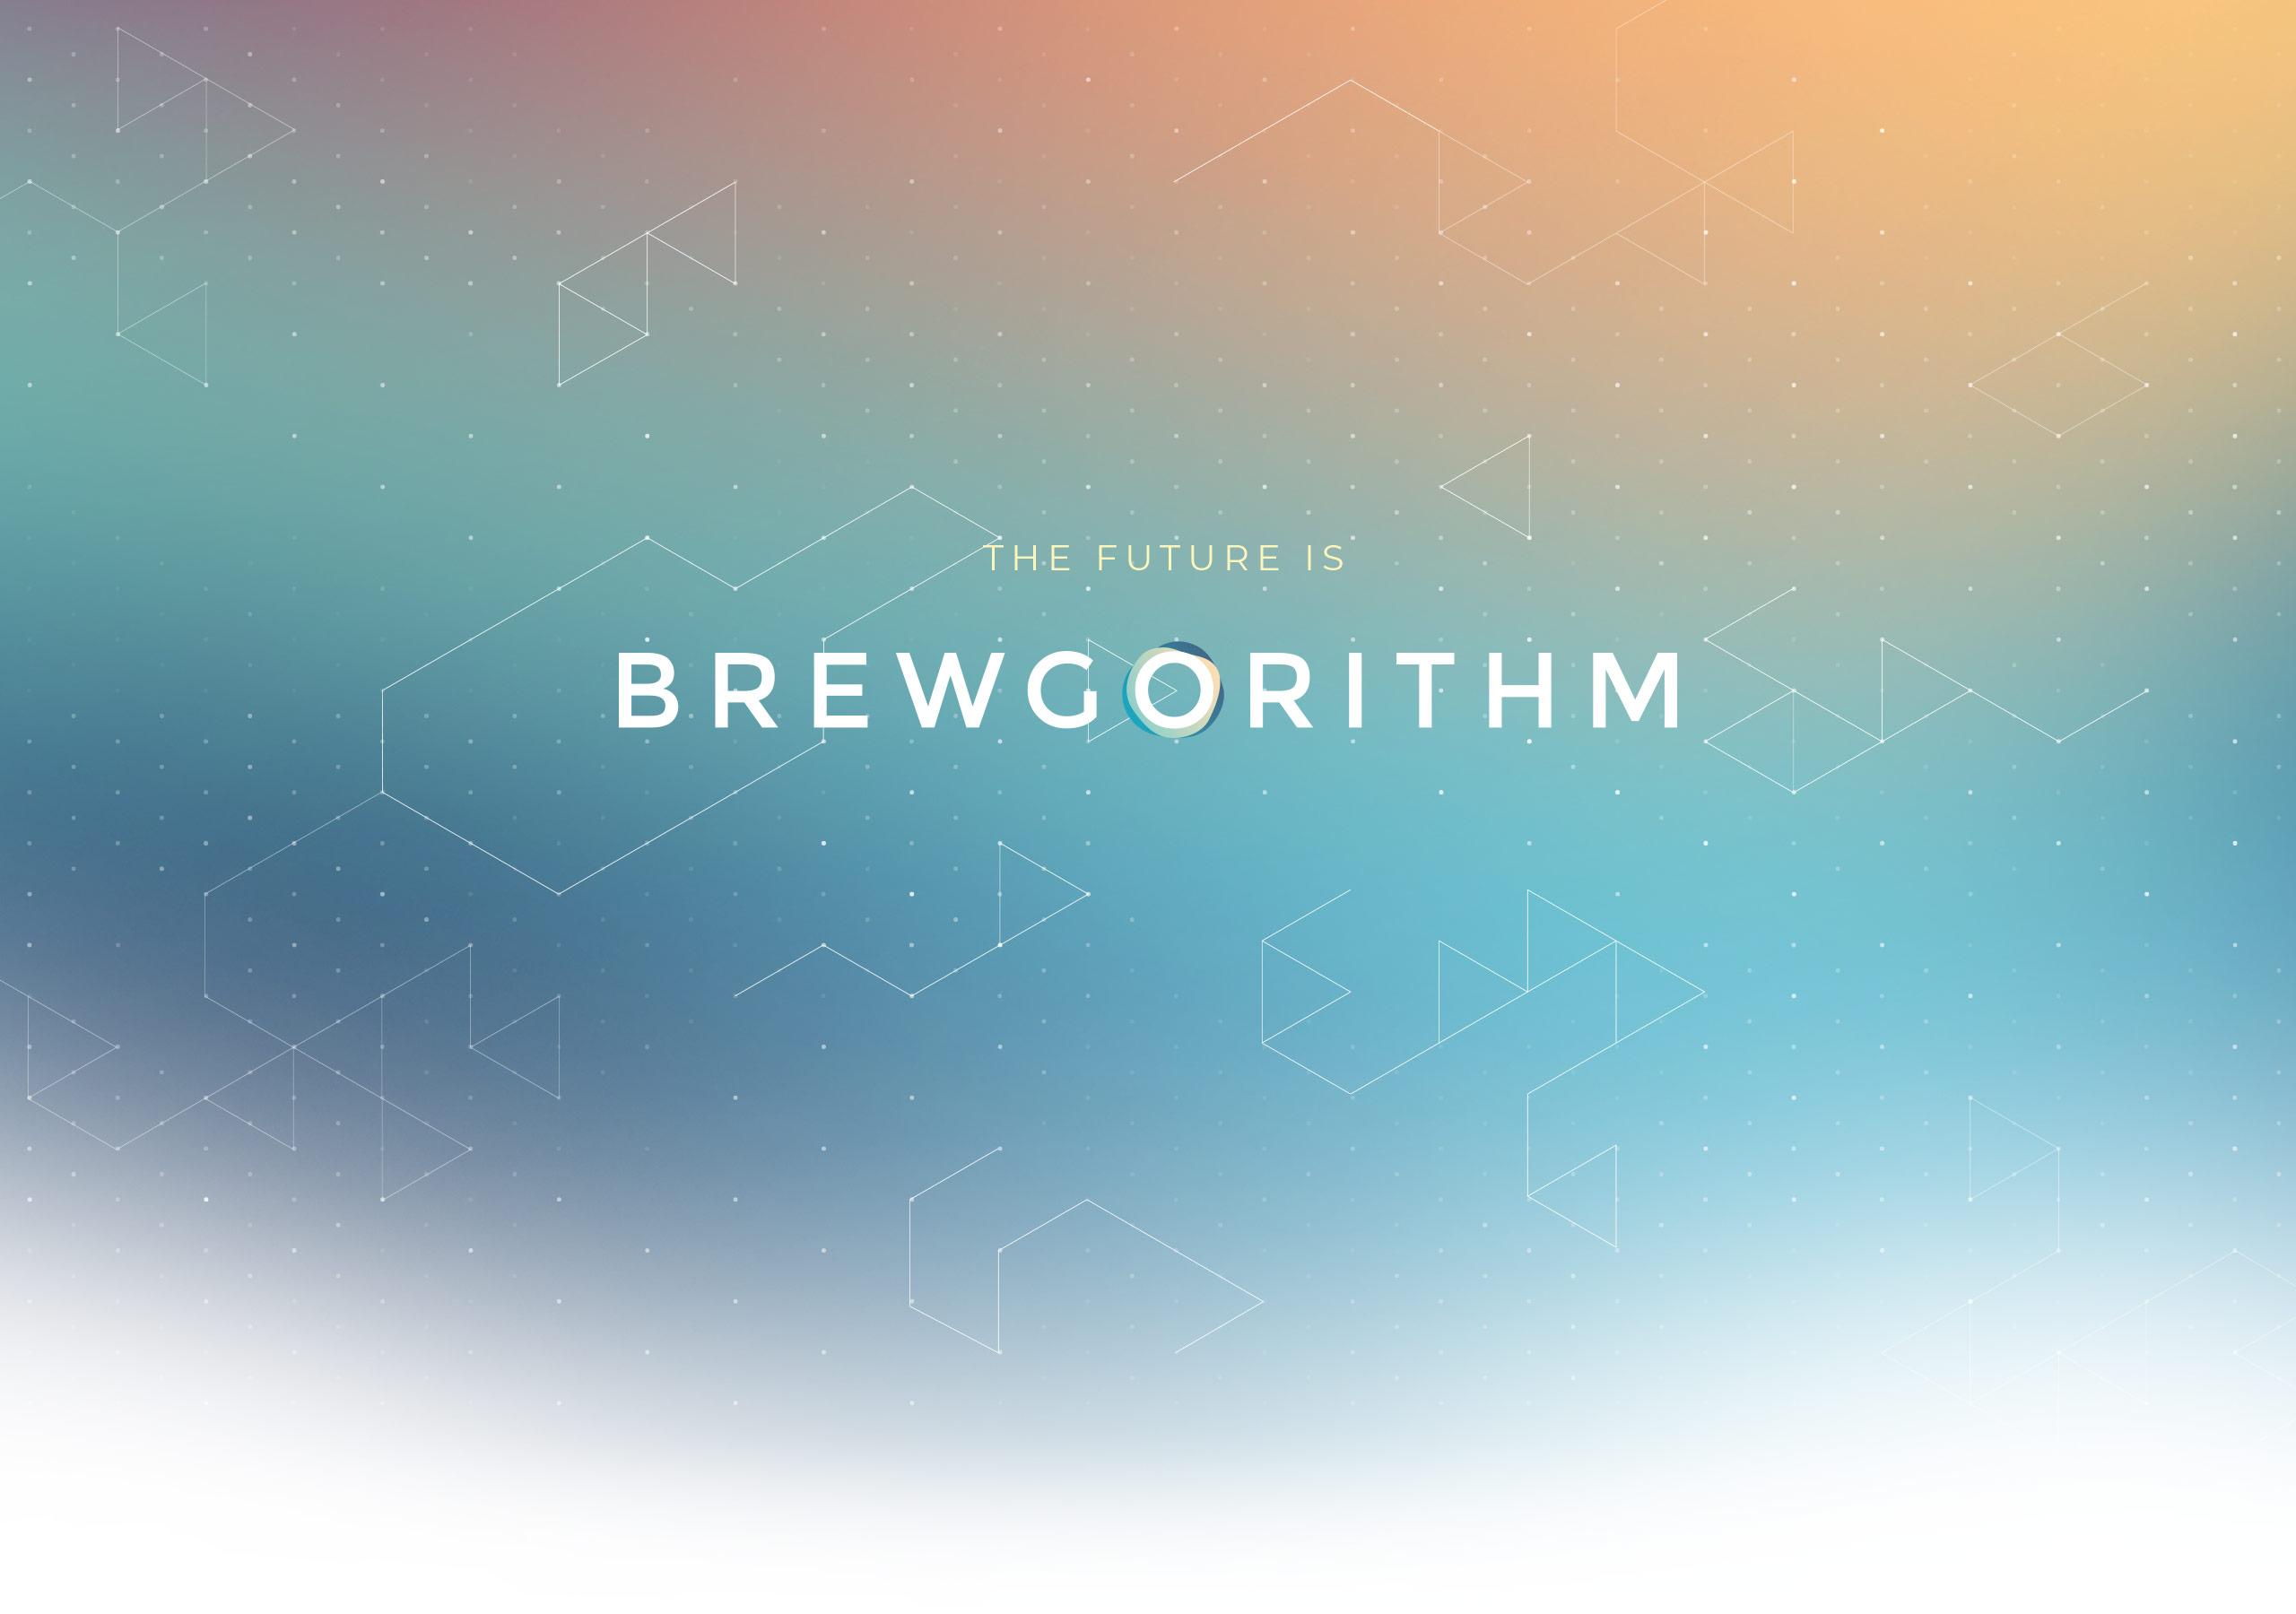 meng-he-brewgorithm-header